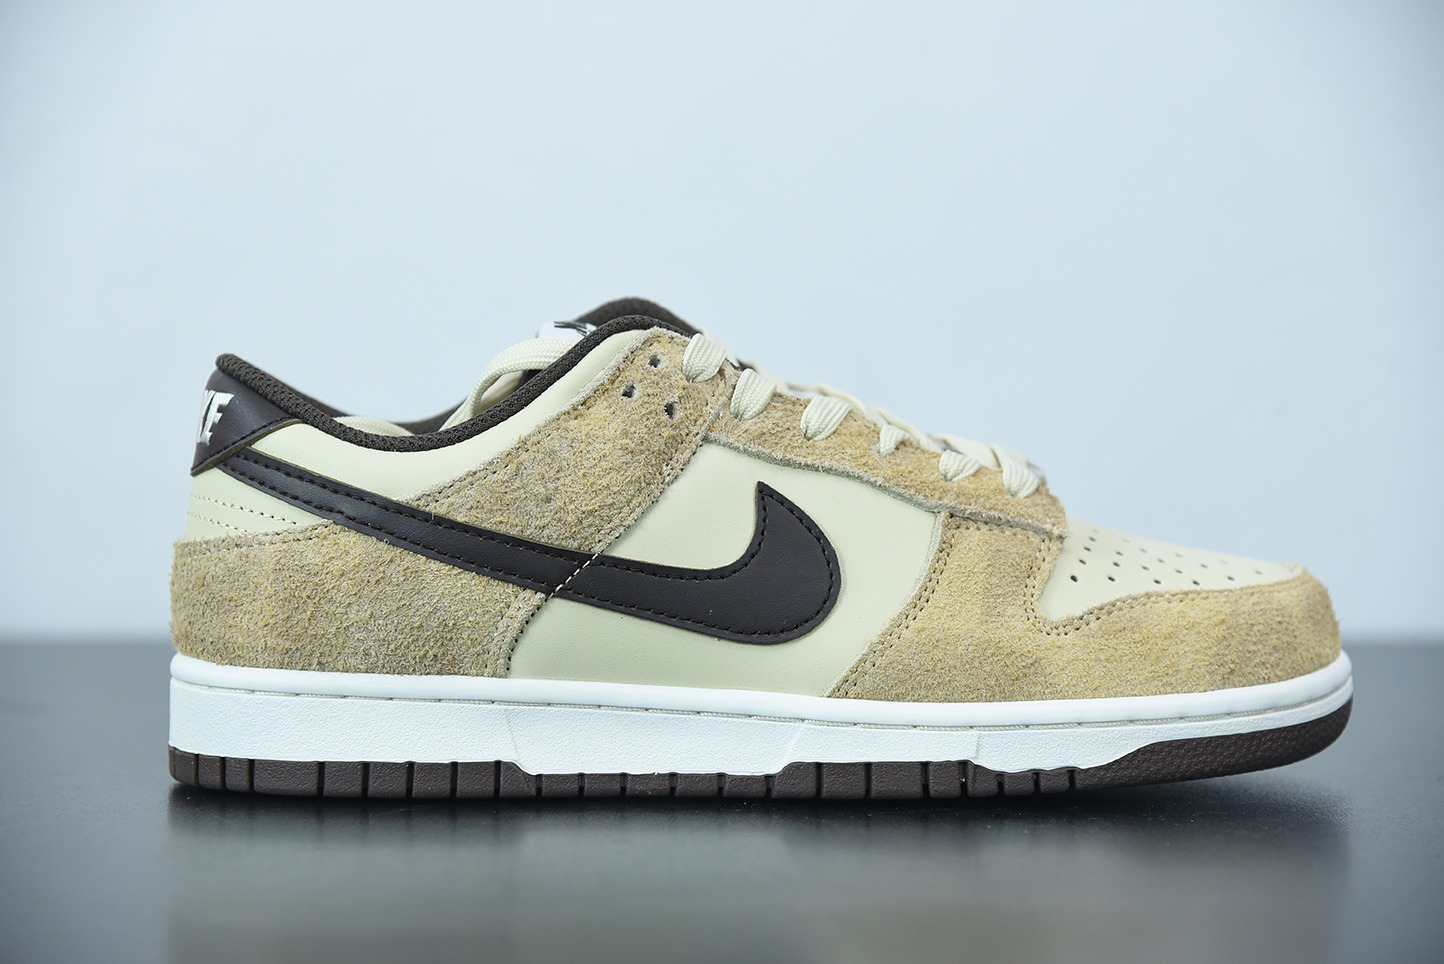 """耐克 Nike Dunk SB Low PRM """"Animal Pack 米白棕猎豹动物印花低帮板鞋纯原版本 货号:DH7913-200"""